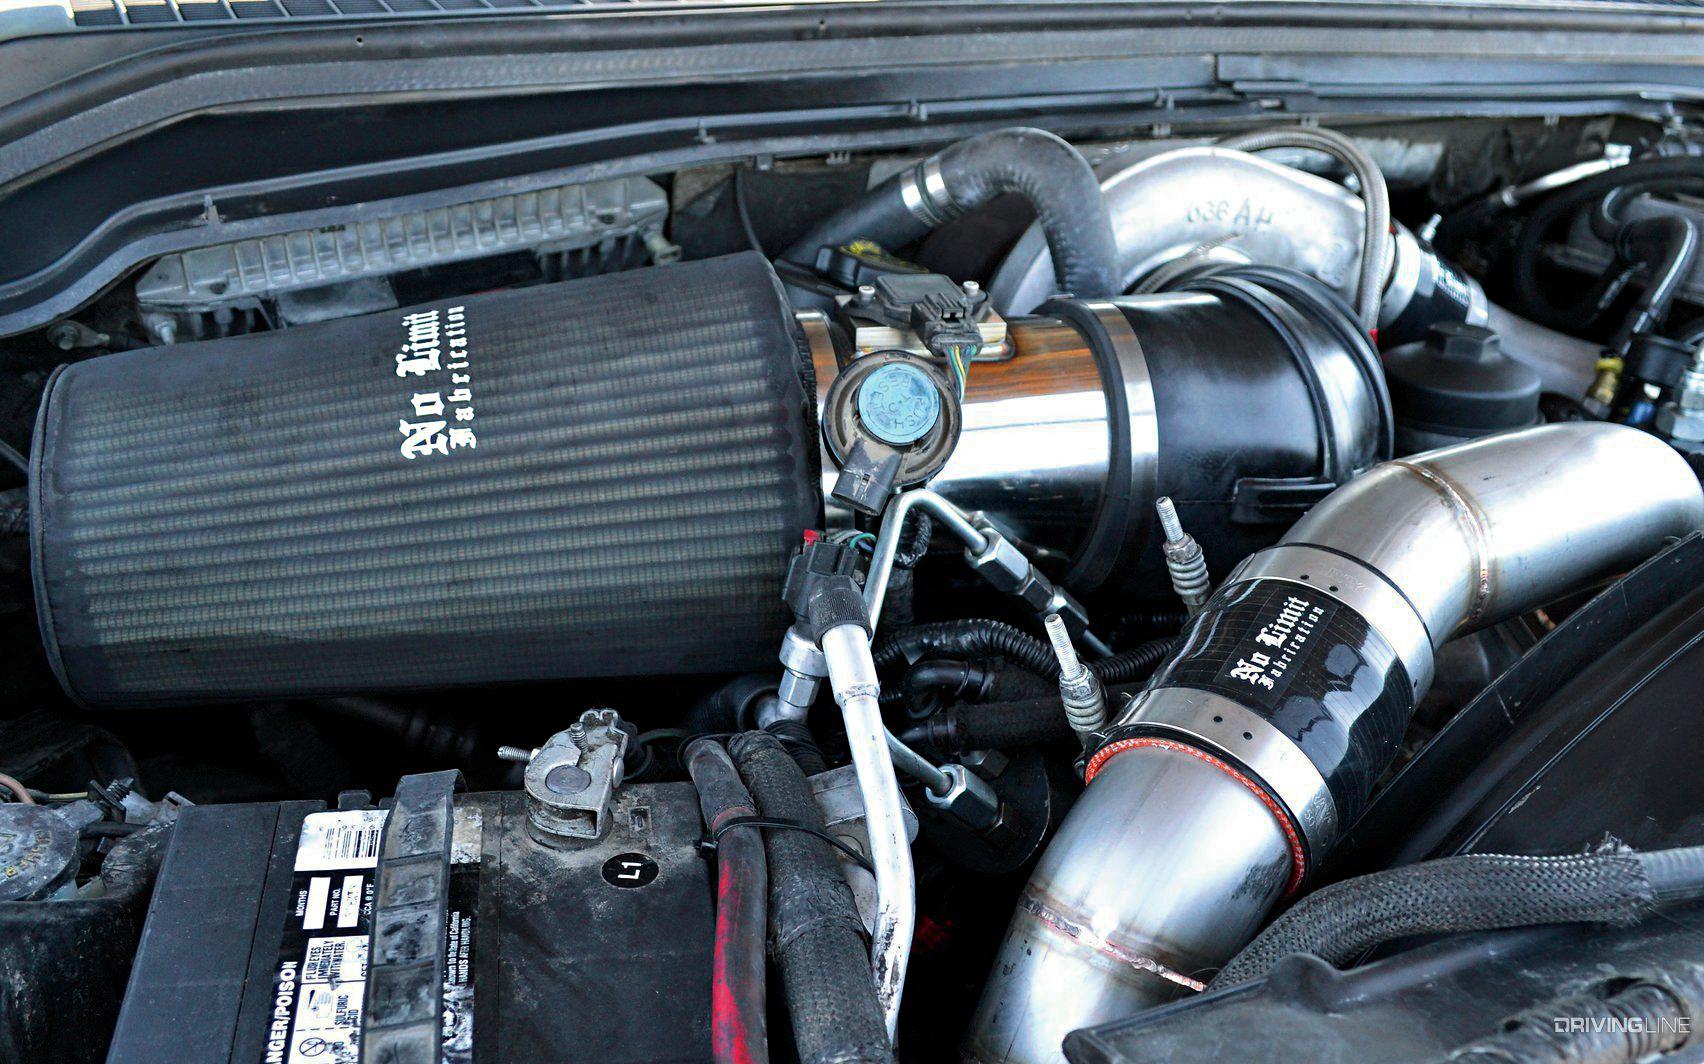 Budget Diesel Mods: 6 4L Power Stroke | DrivingLine